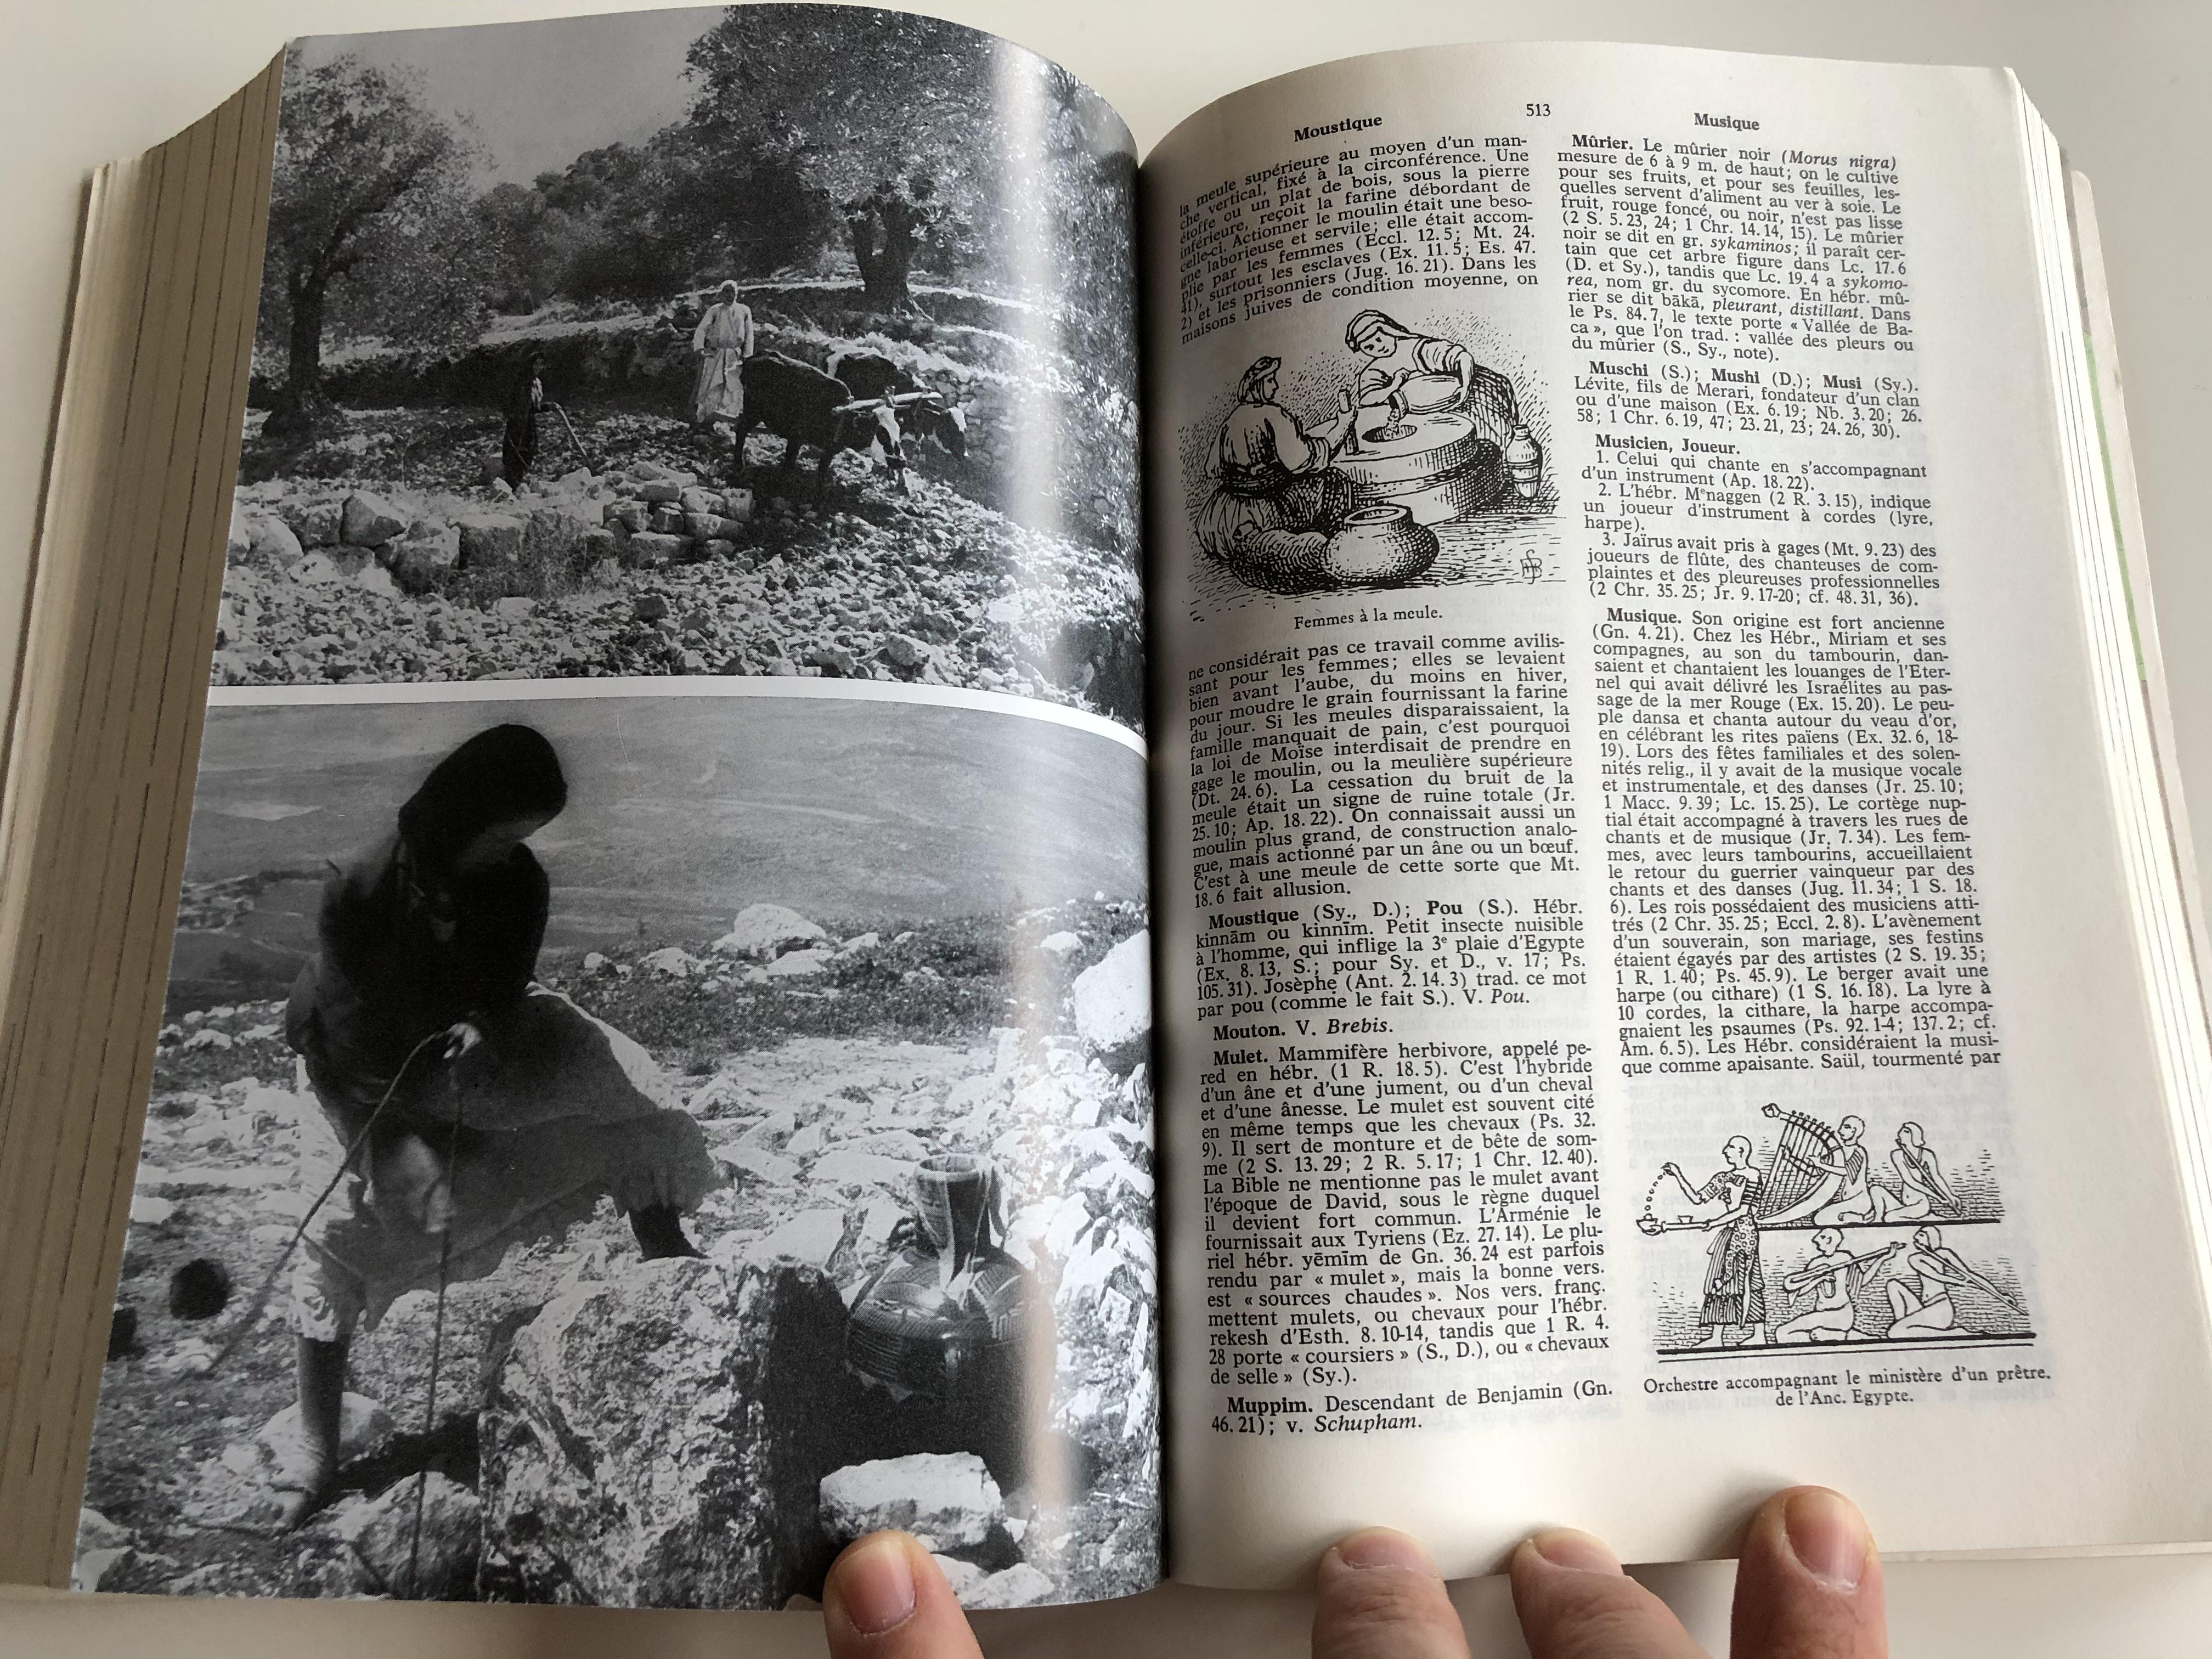 nouveau-dictionnaire-biblique-french-bible-dictionary-10-.jpg